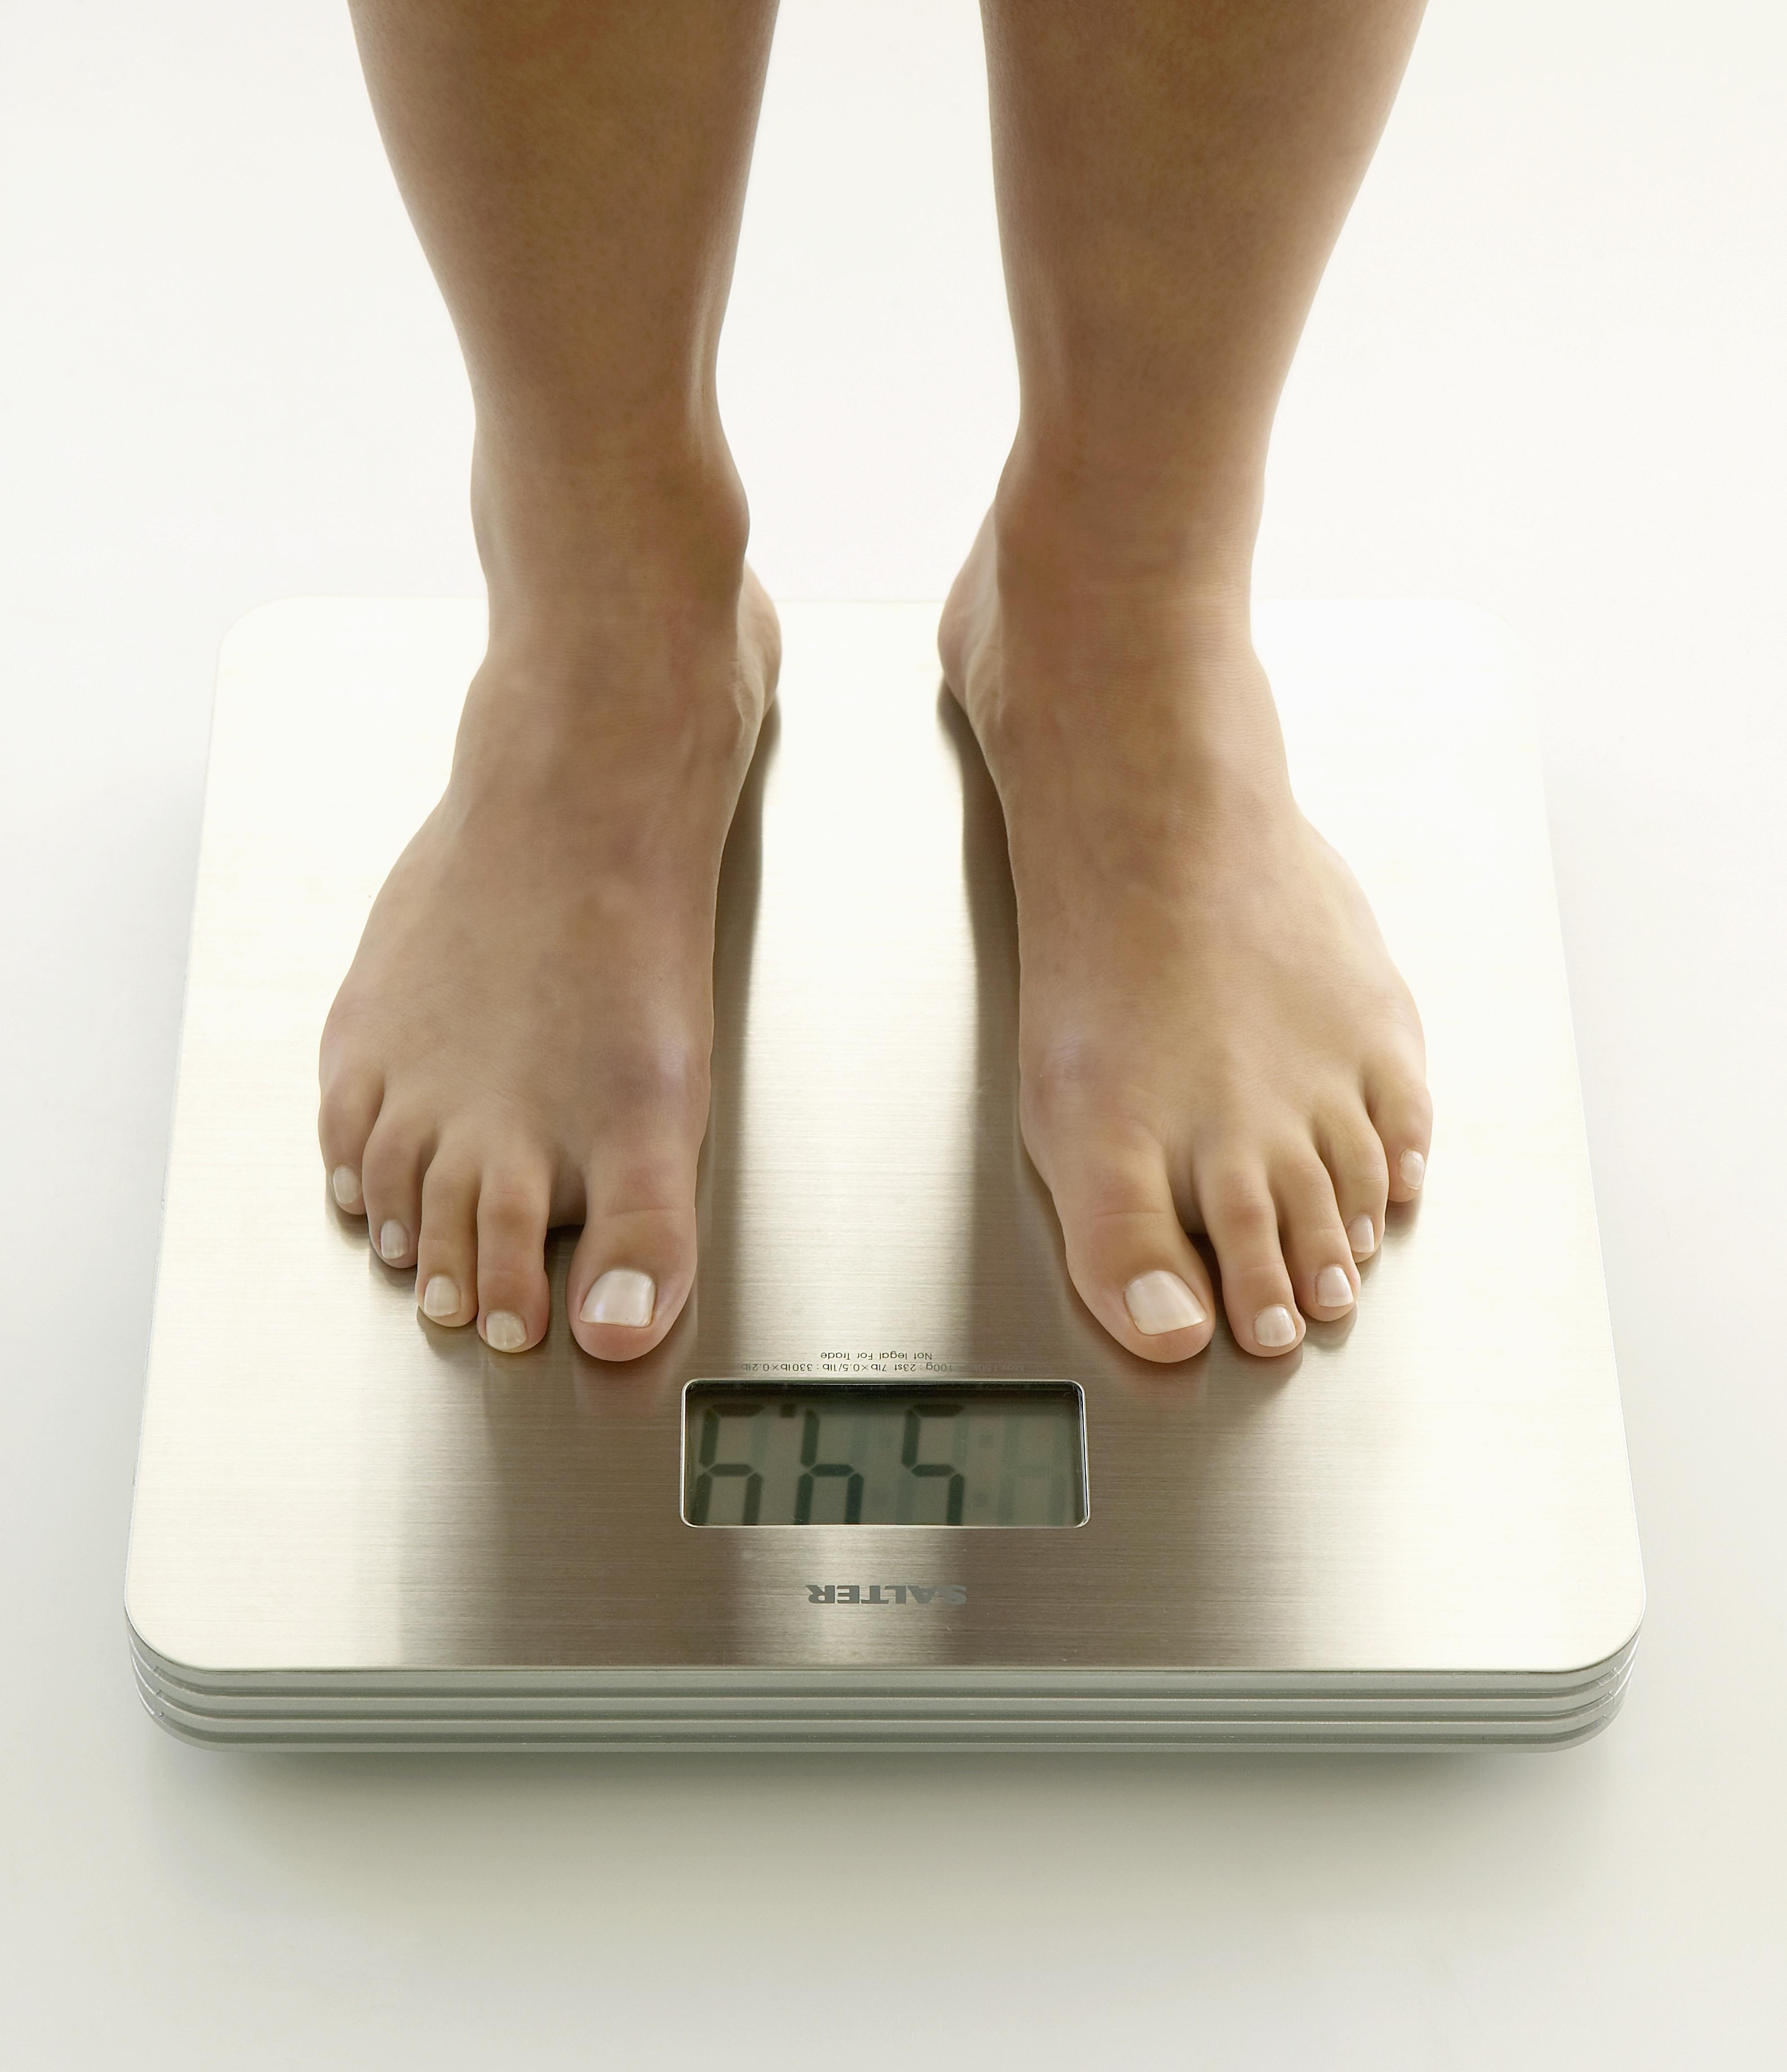 cum cineva pierde în greutate